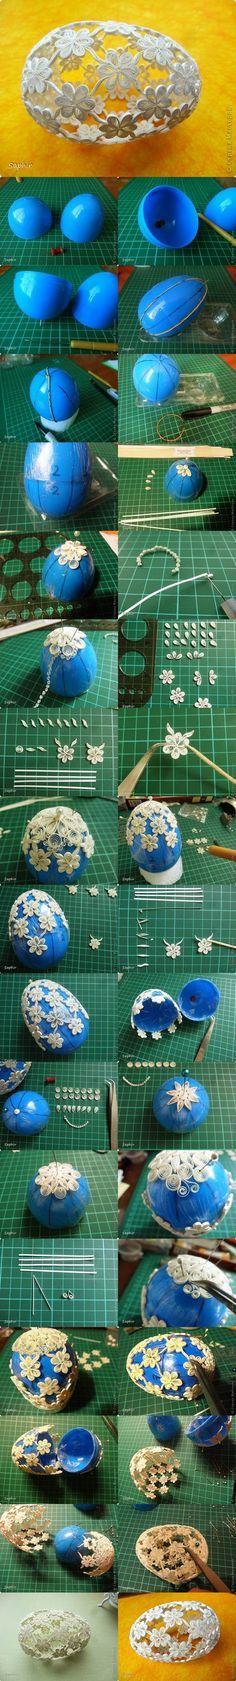 huevo en filigrana